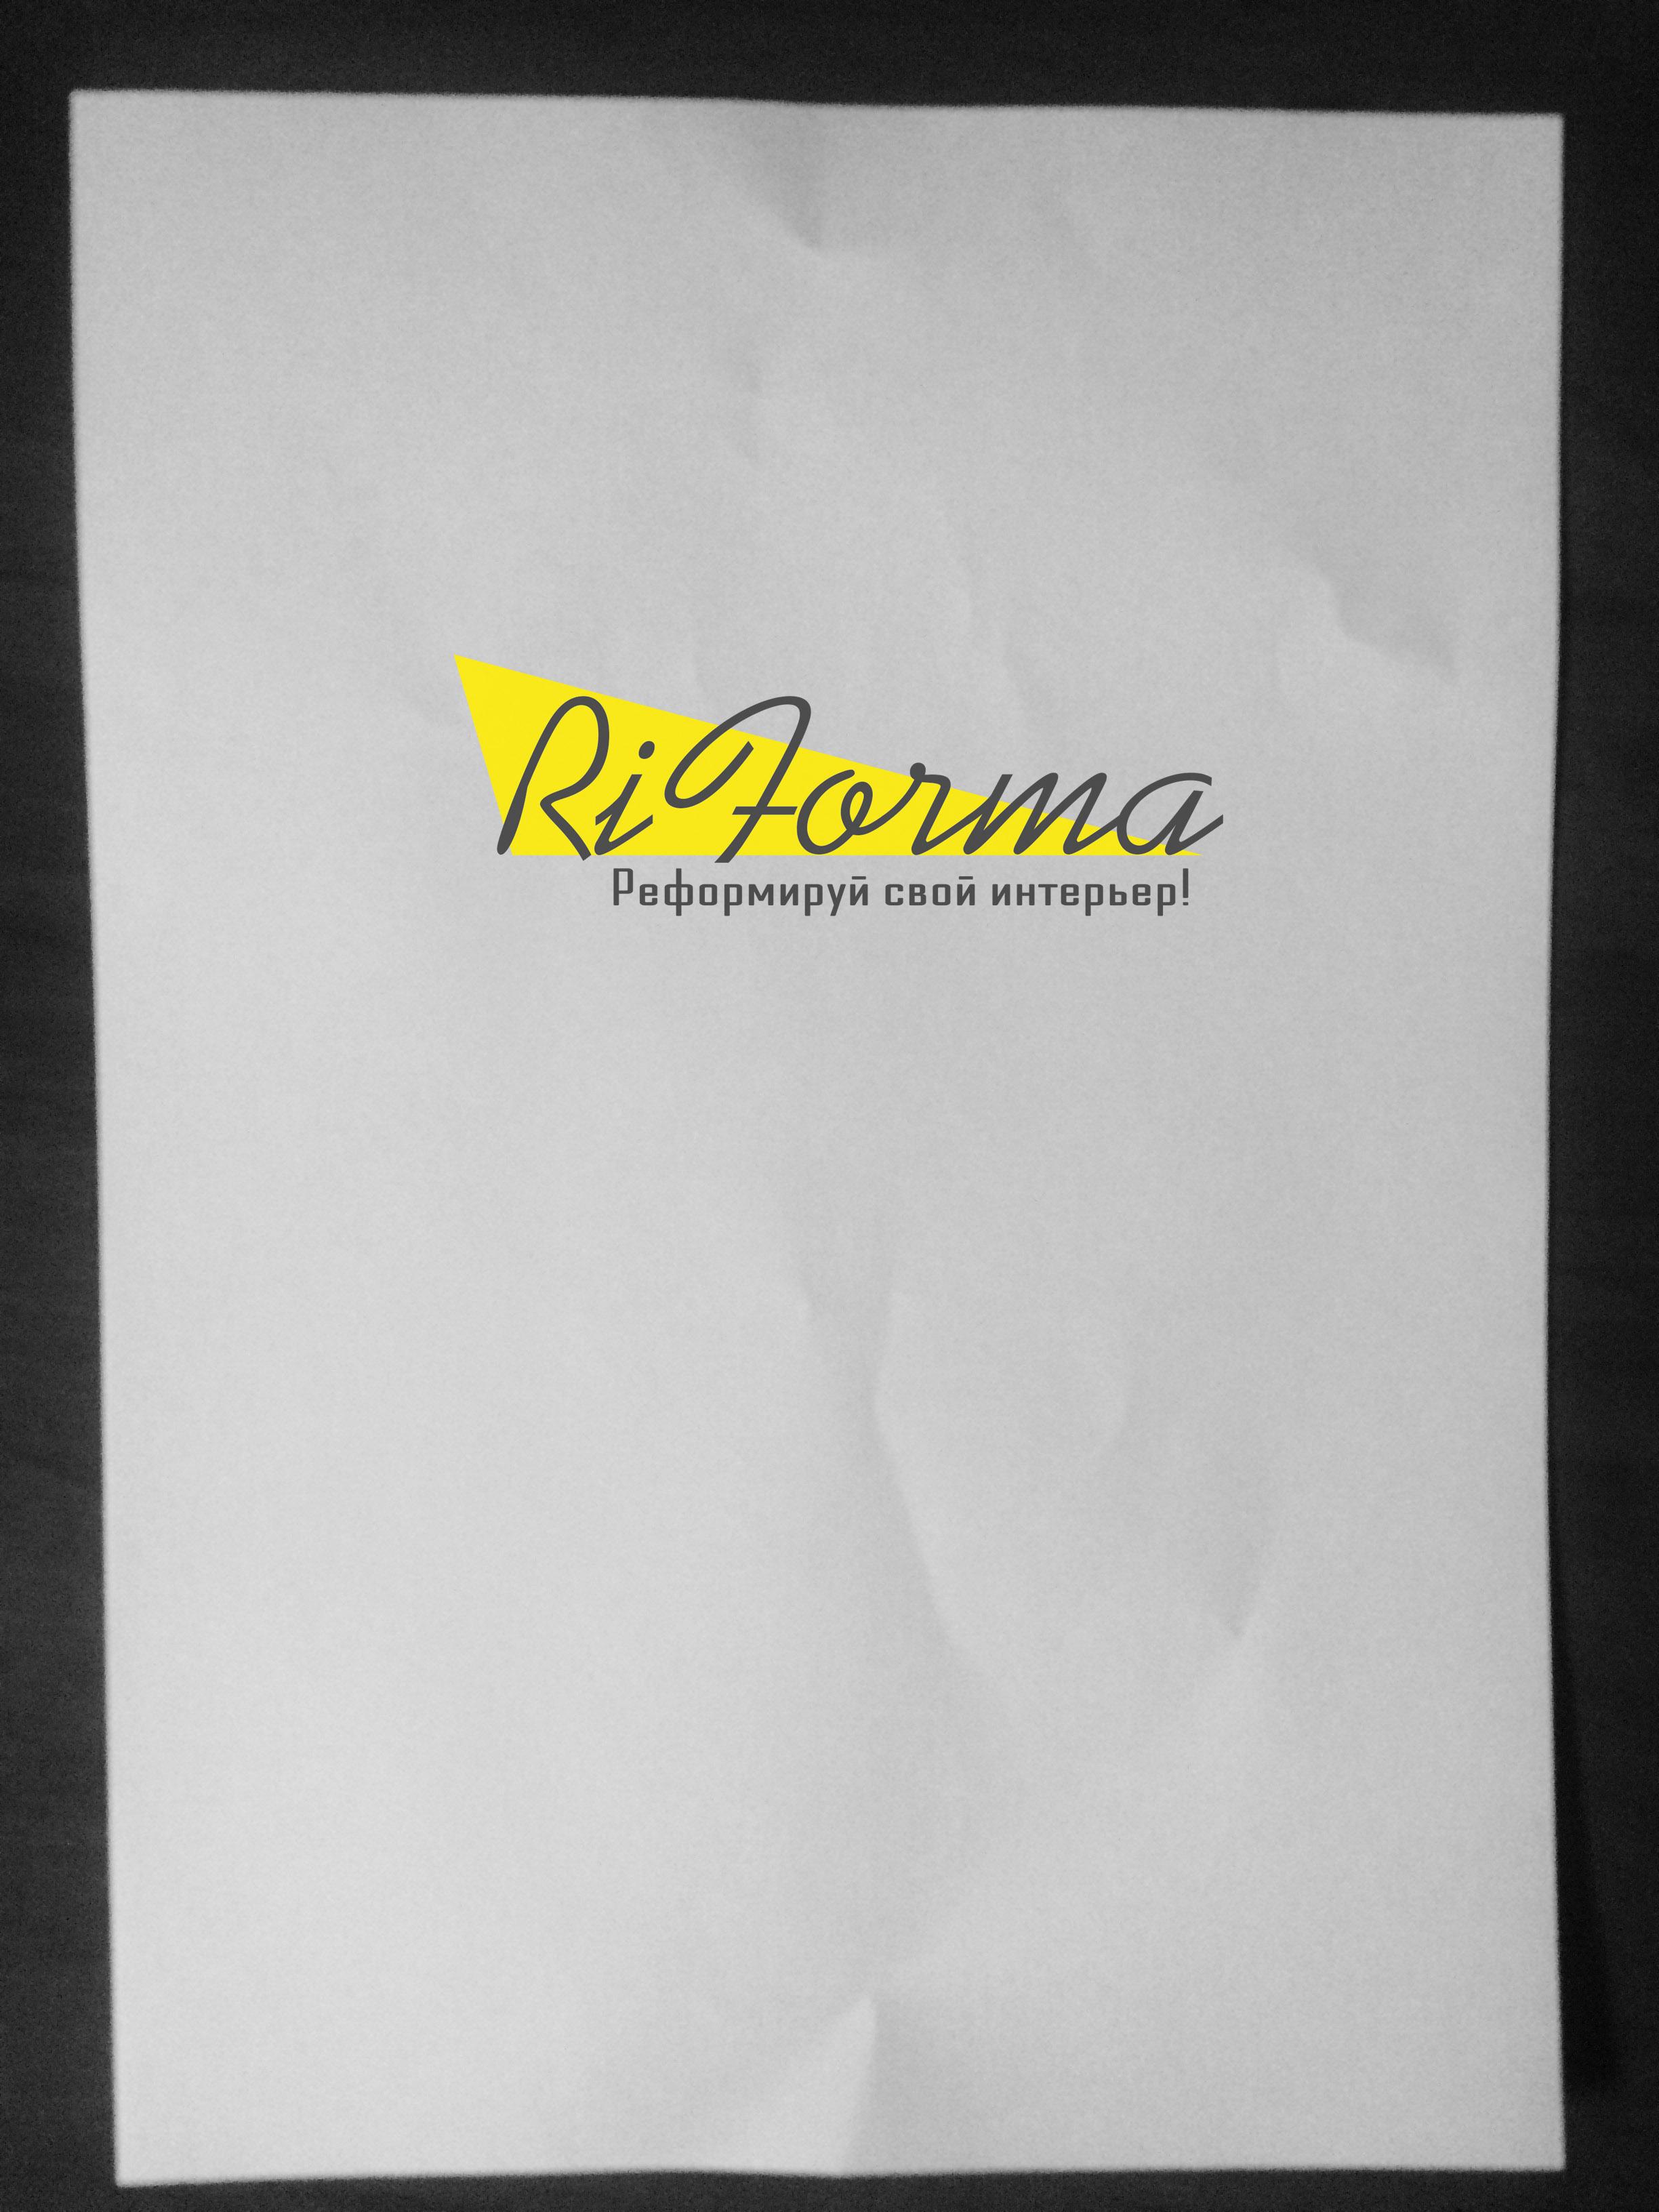 Разработка логотипа и элементов фирменного стиля фото f_4715792c43f5c75e.jpg